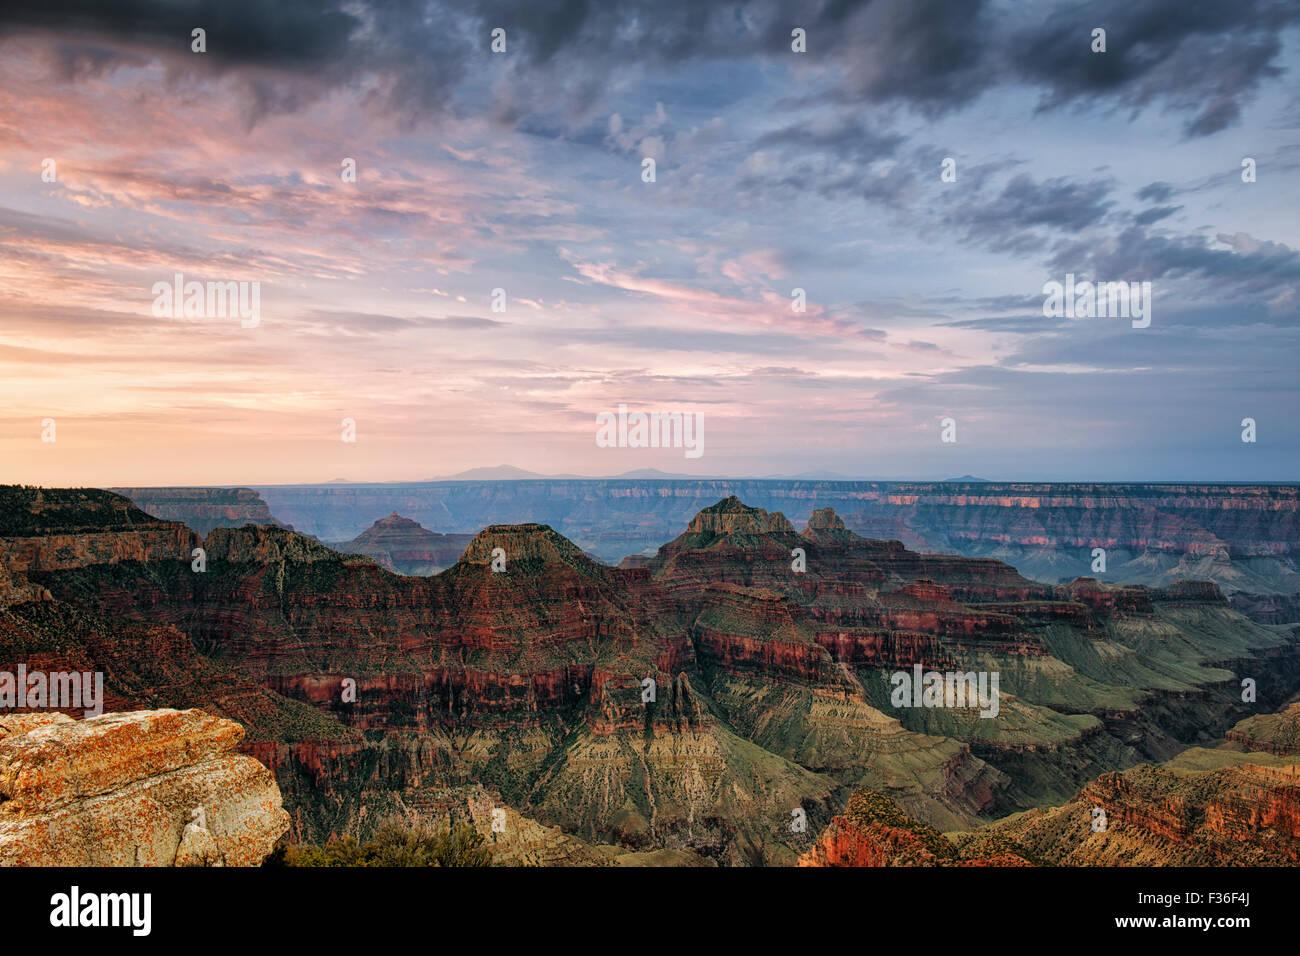 Amanecer de verano durante los tres templos y el borde norte de Arizona Grand Canyon National Park desde el punto Imagen De Stock